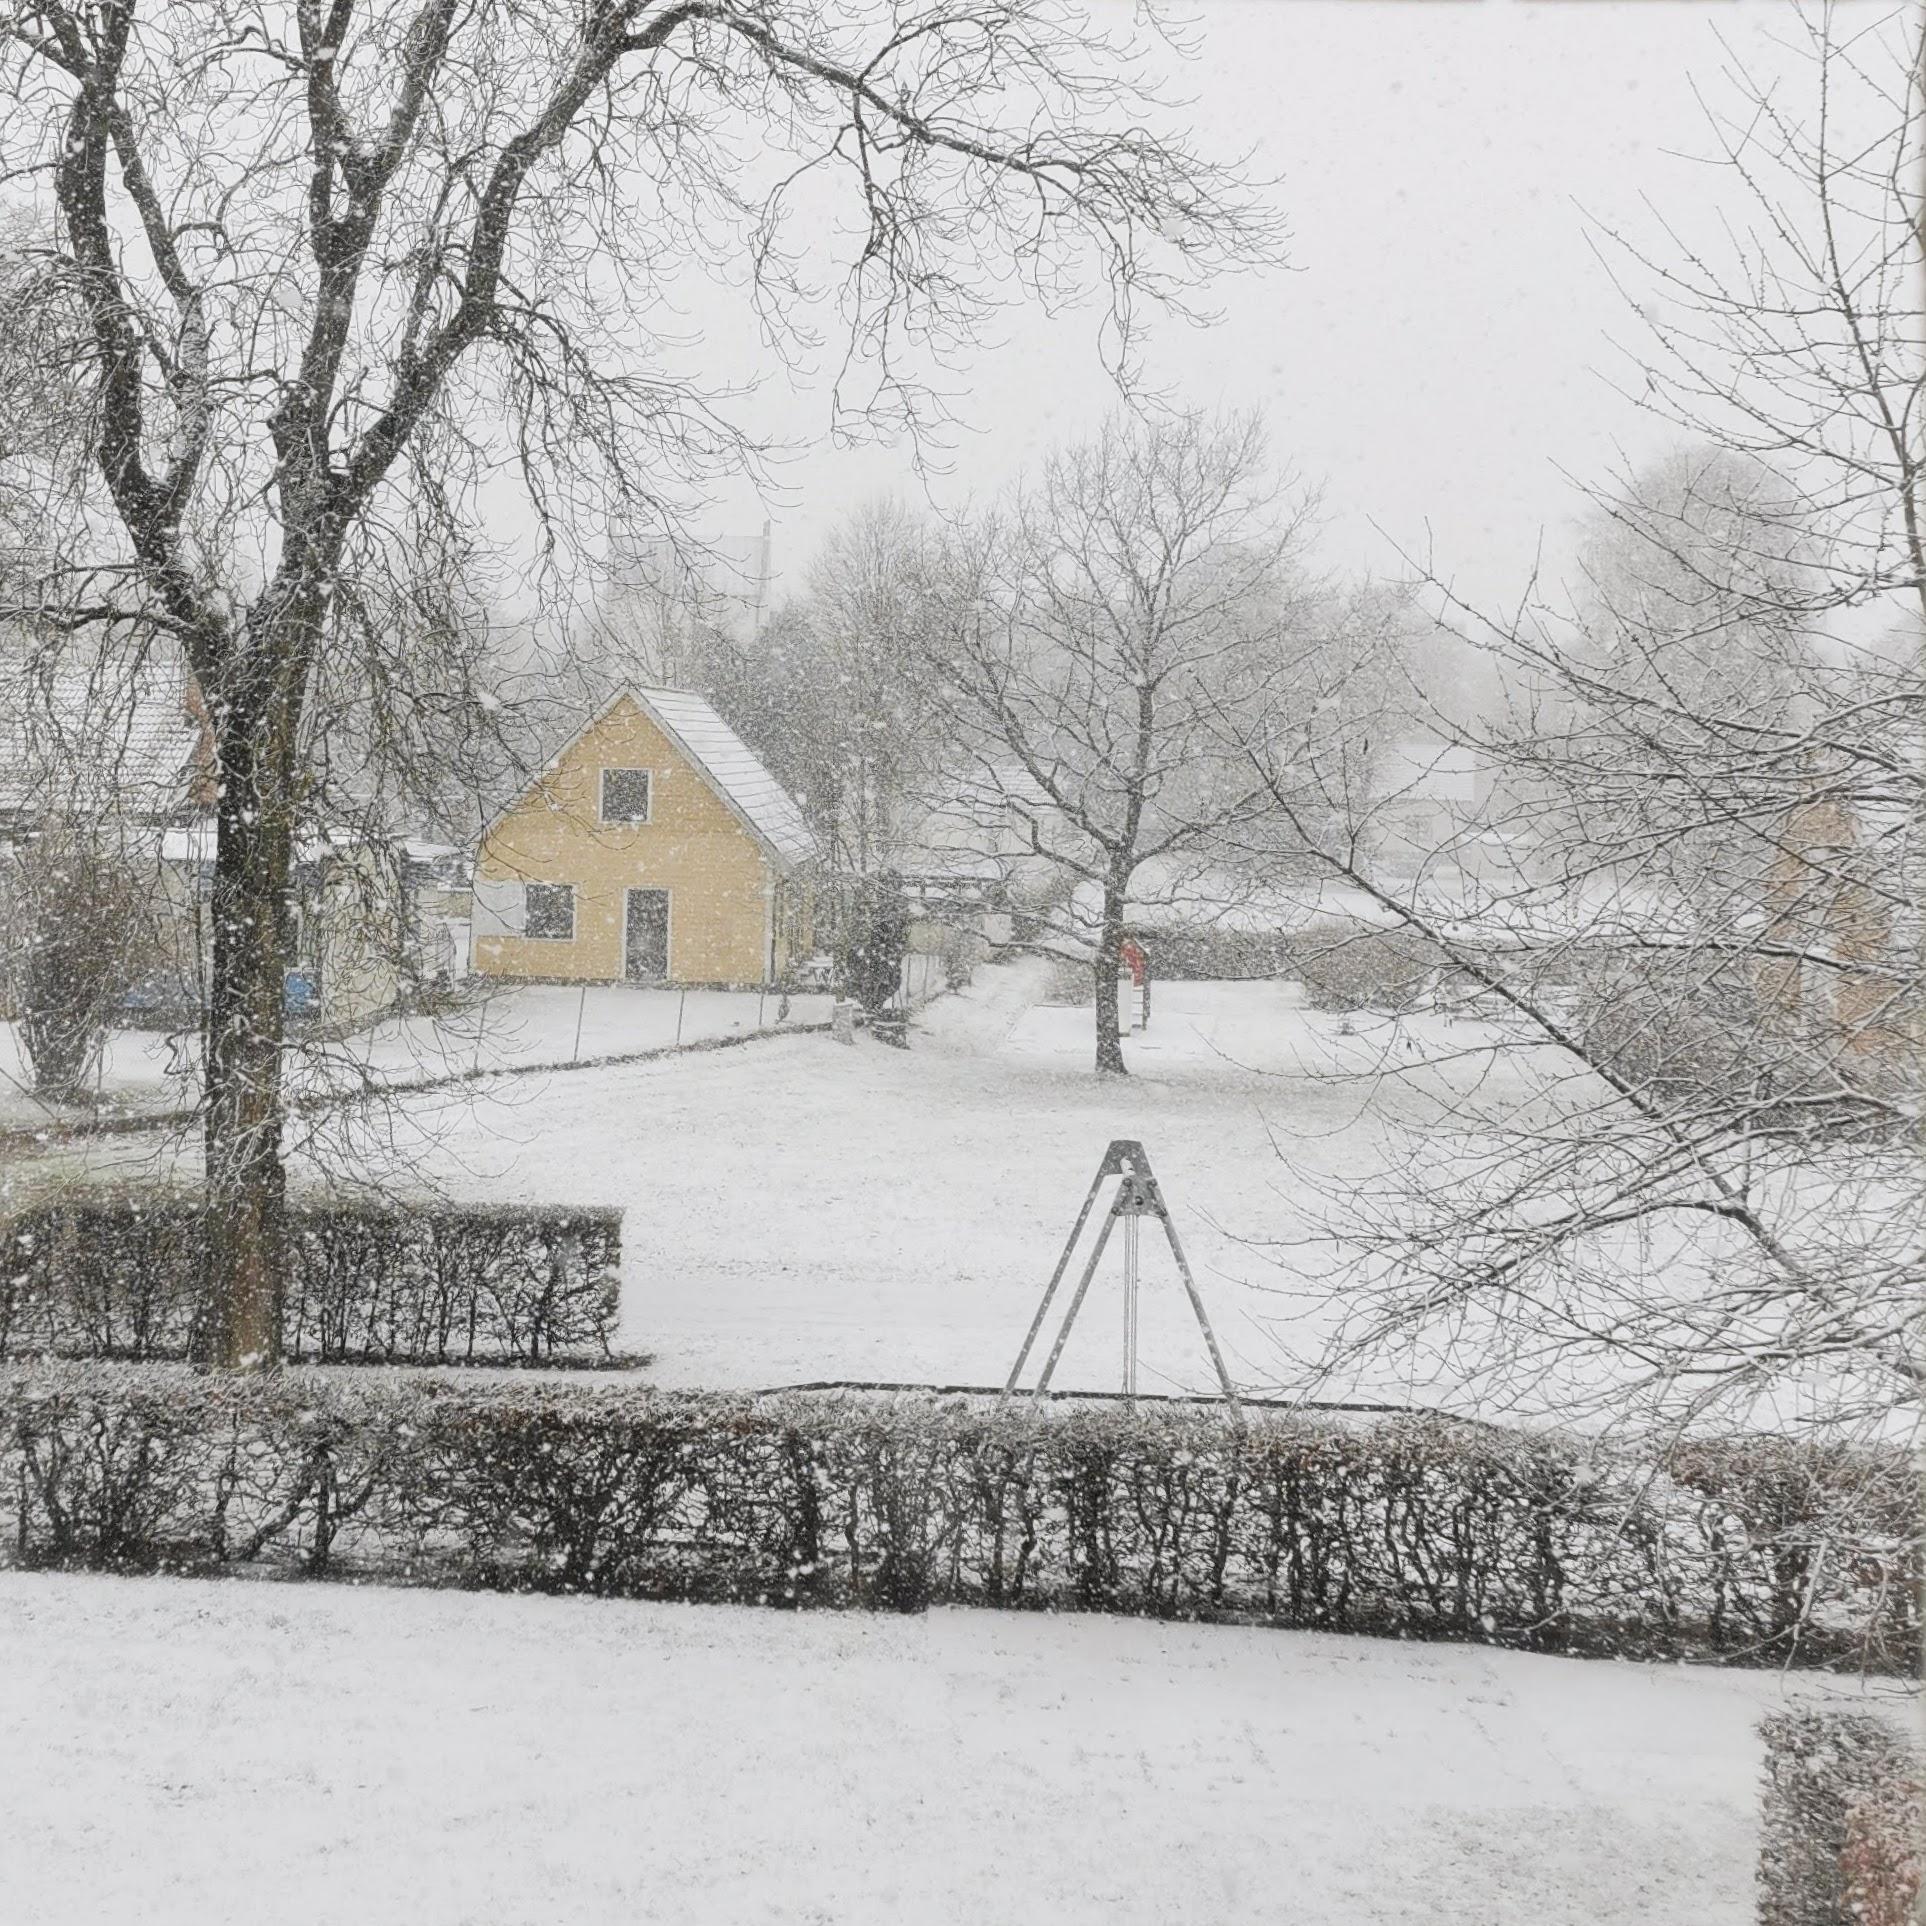 Helen J Holmberg - den laktos & allergivänliga bloggen år 2021 första snö